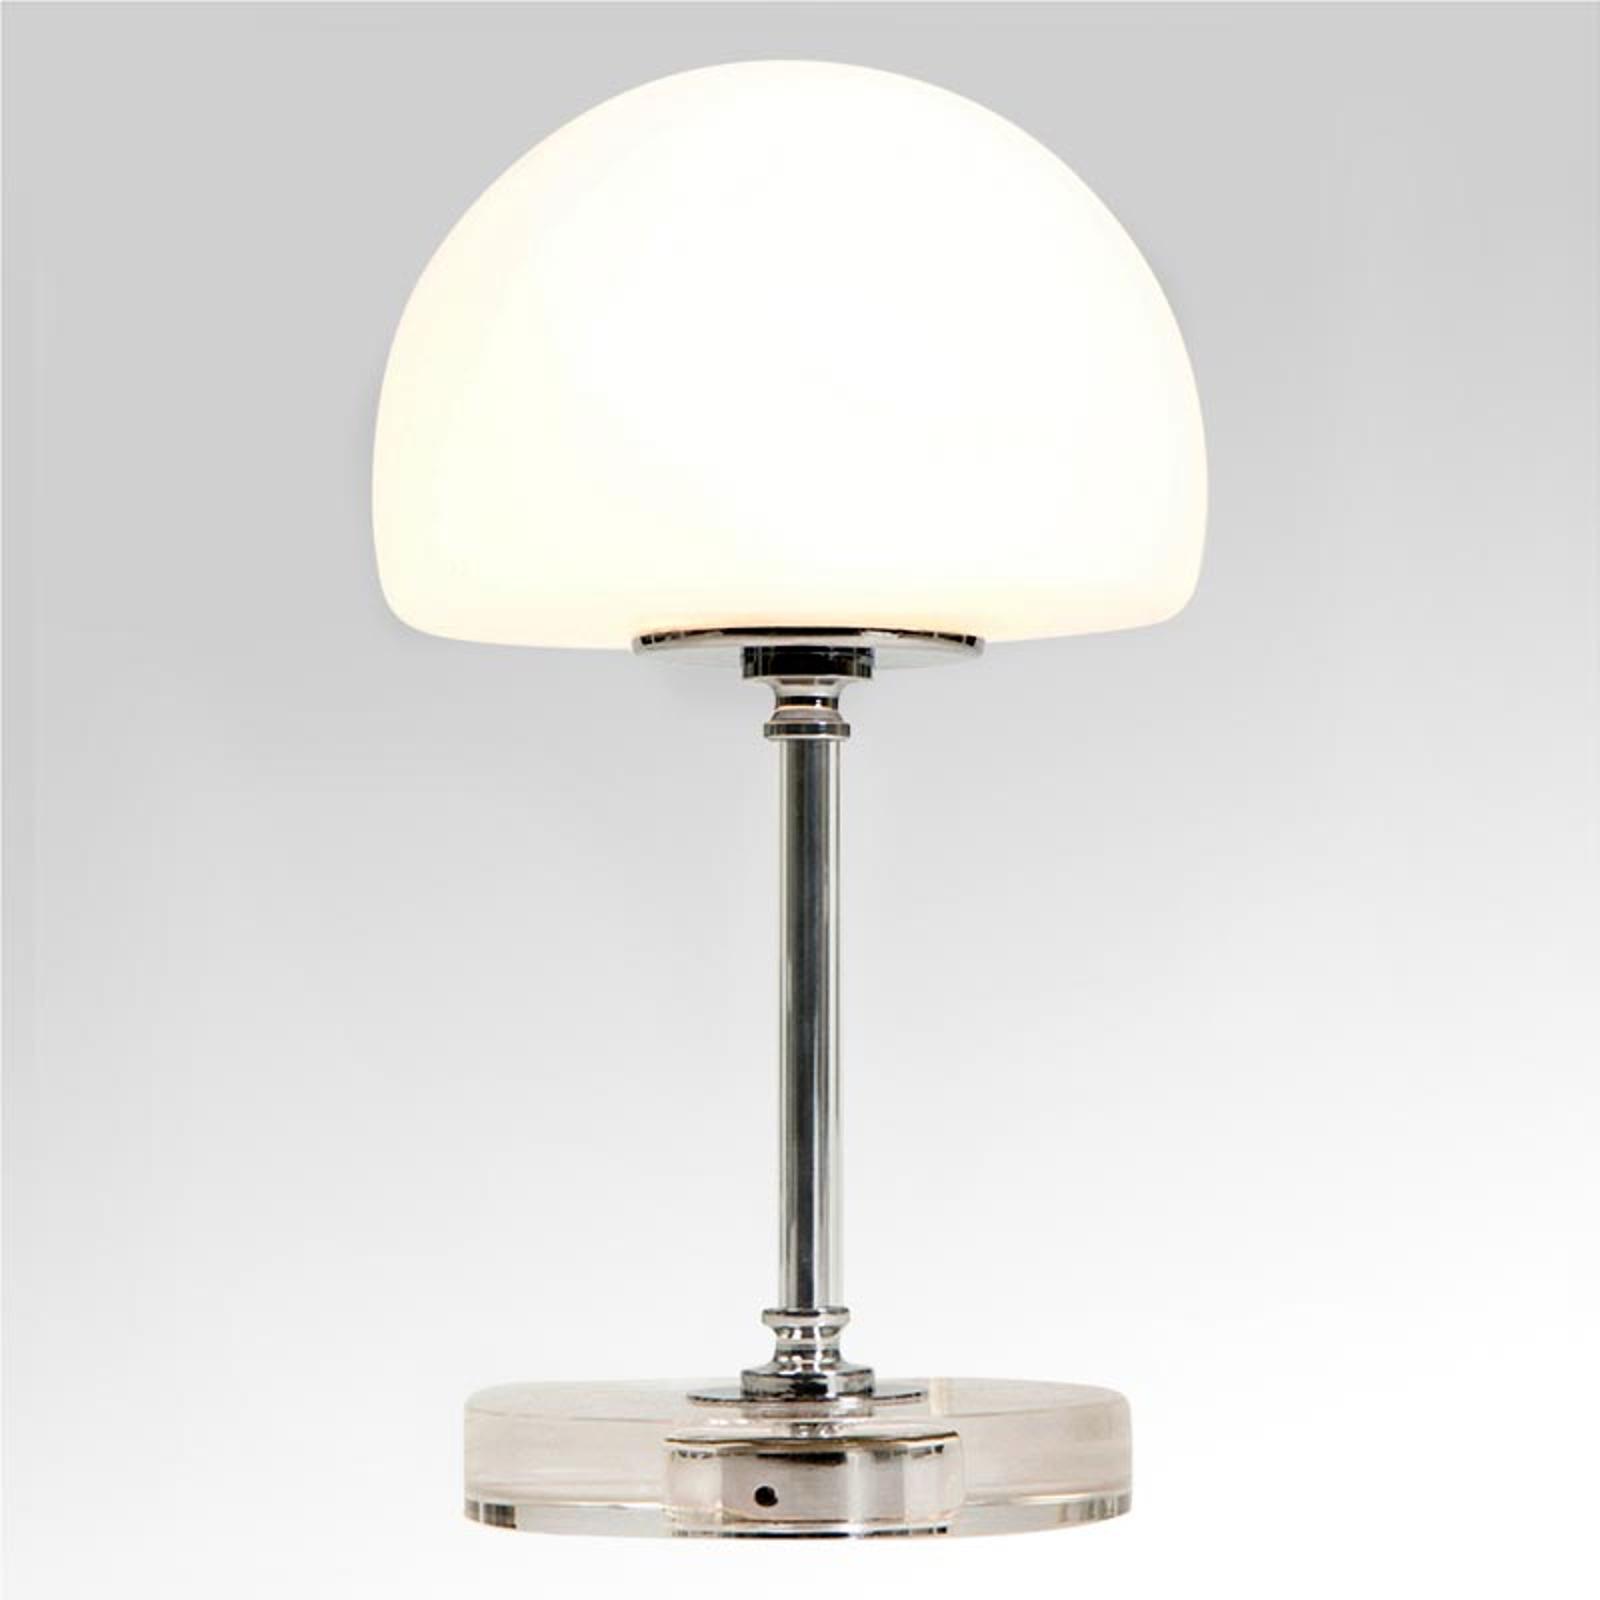 Ancilla - lampe à poser LED chromé dimmable